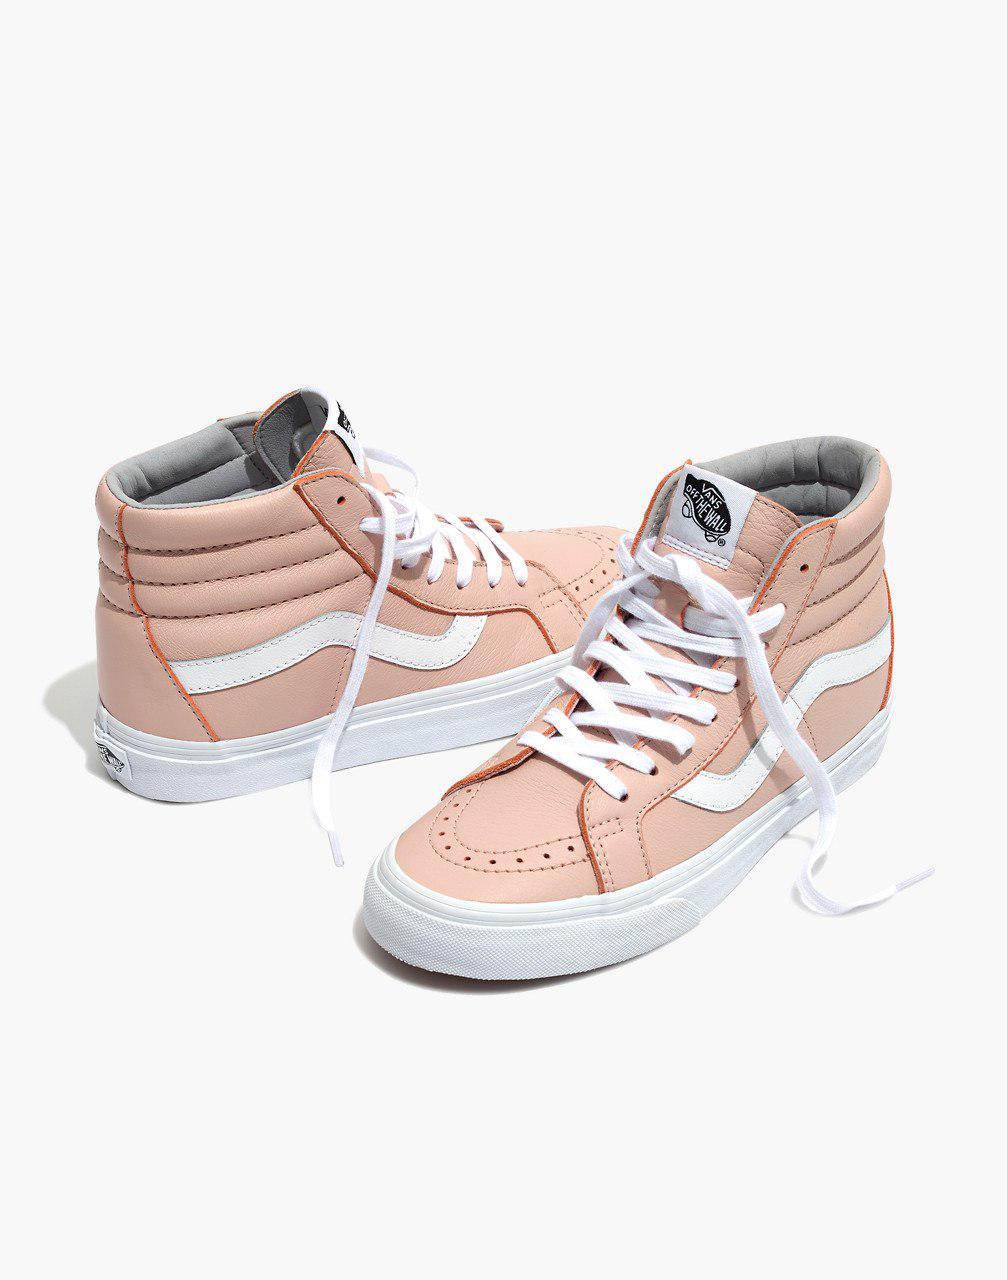 2ad424060b Madewell Vans Unisex Sk8-hi Reissue High-top Sneakers In Oxford Pink ...